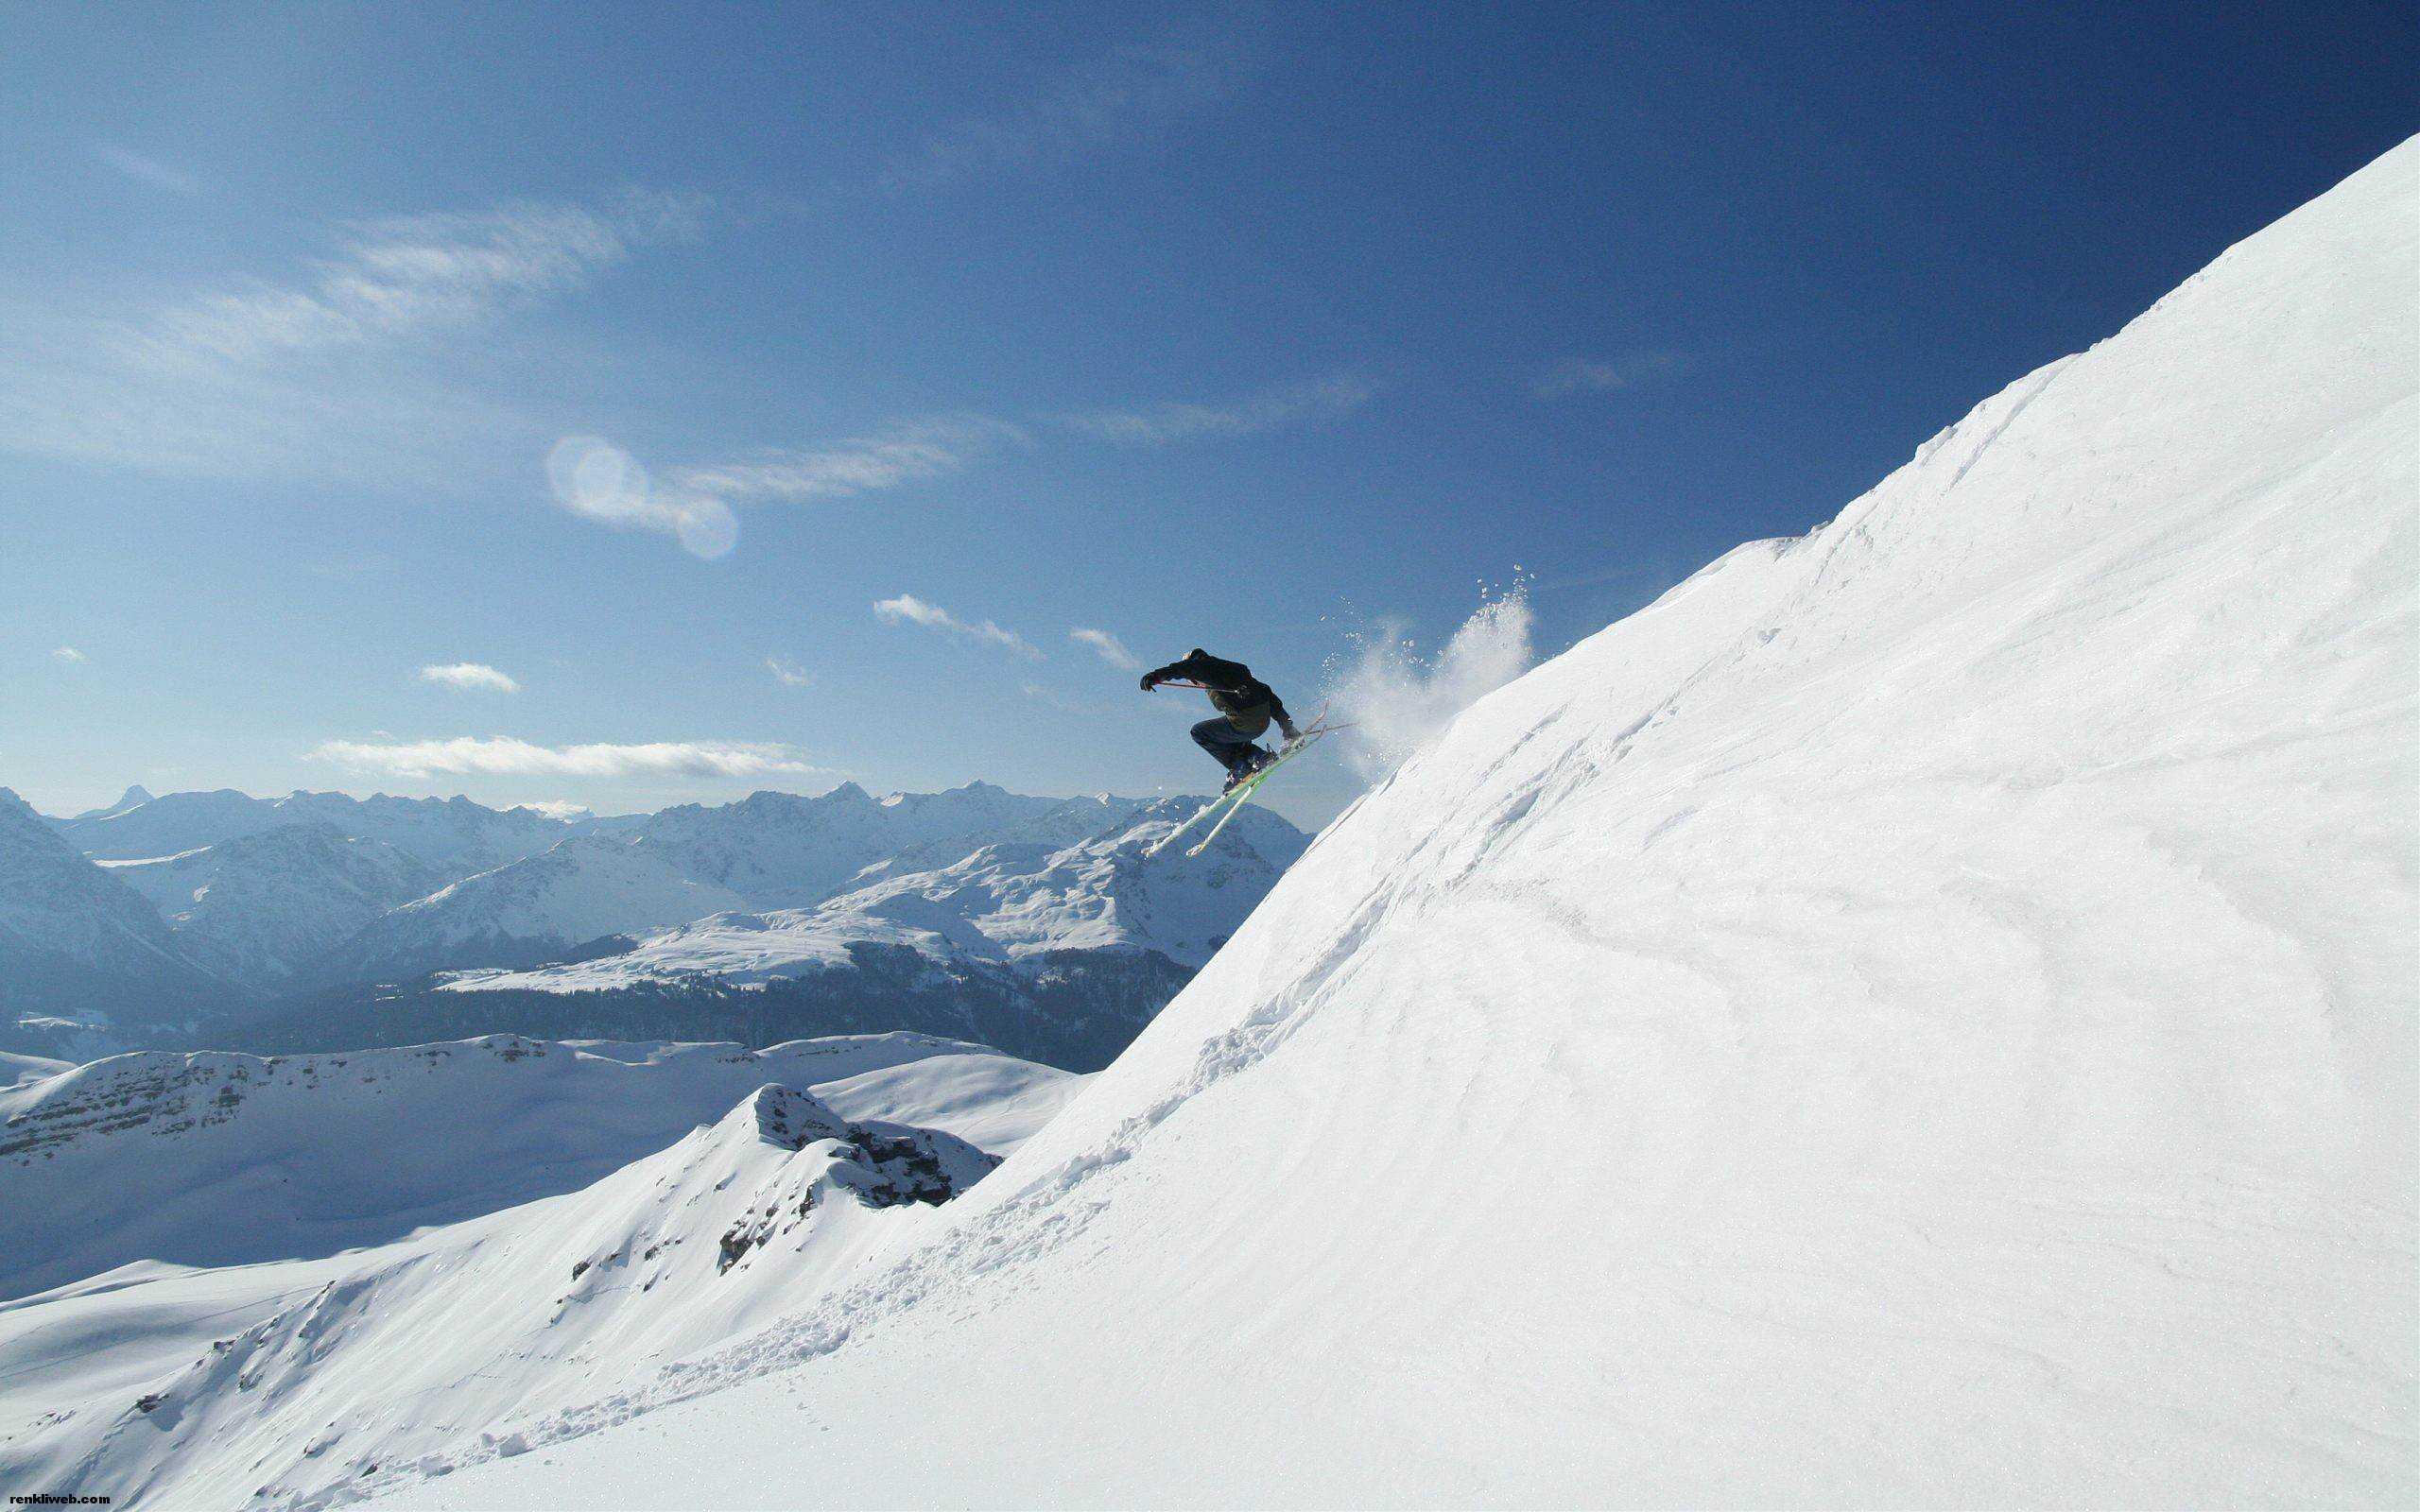 kış ve kar manzaraları 001